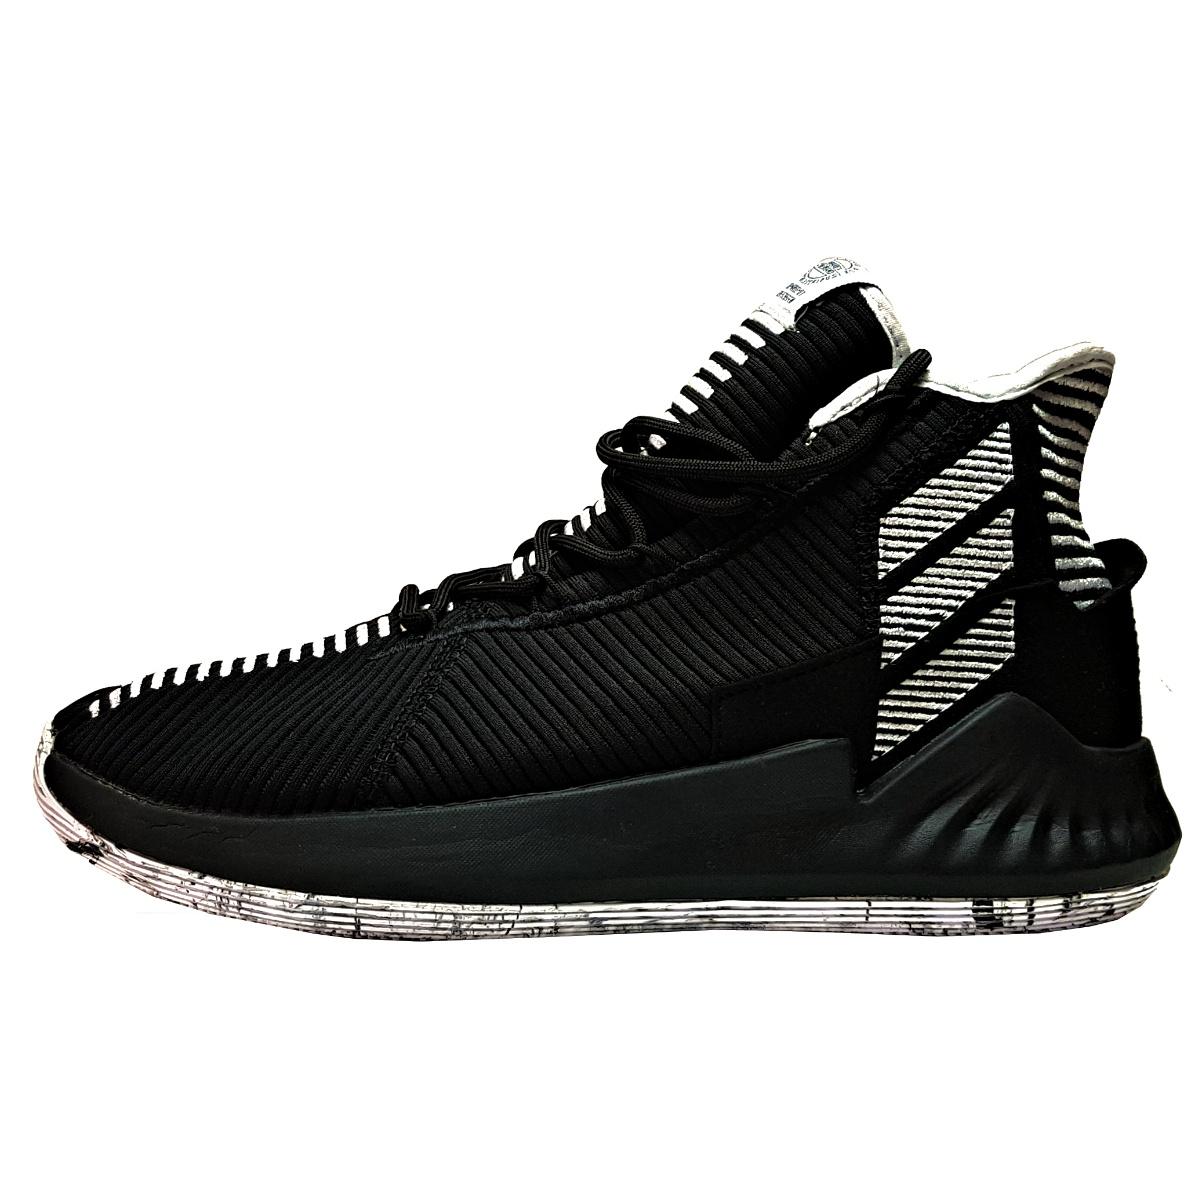 خرید                      کفش بسکتبال مردانه مدل D ROSE 9 R-W-Y              👟